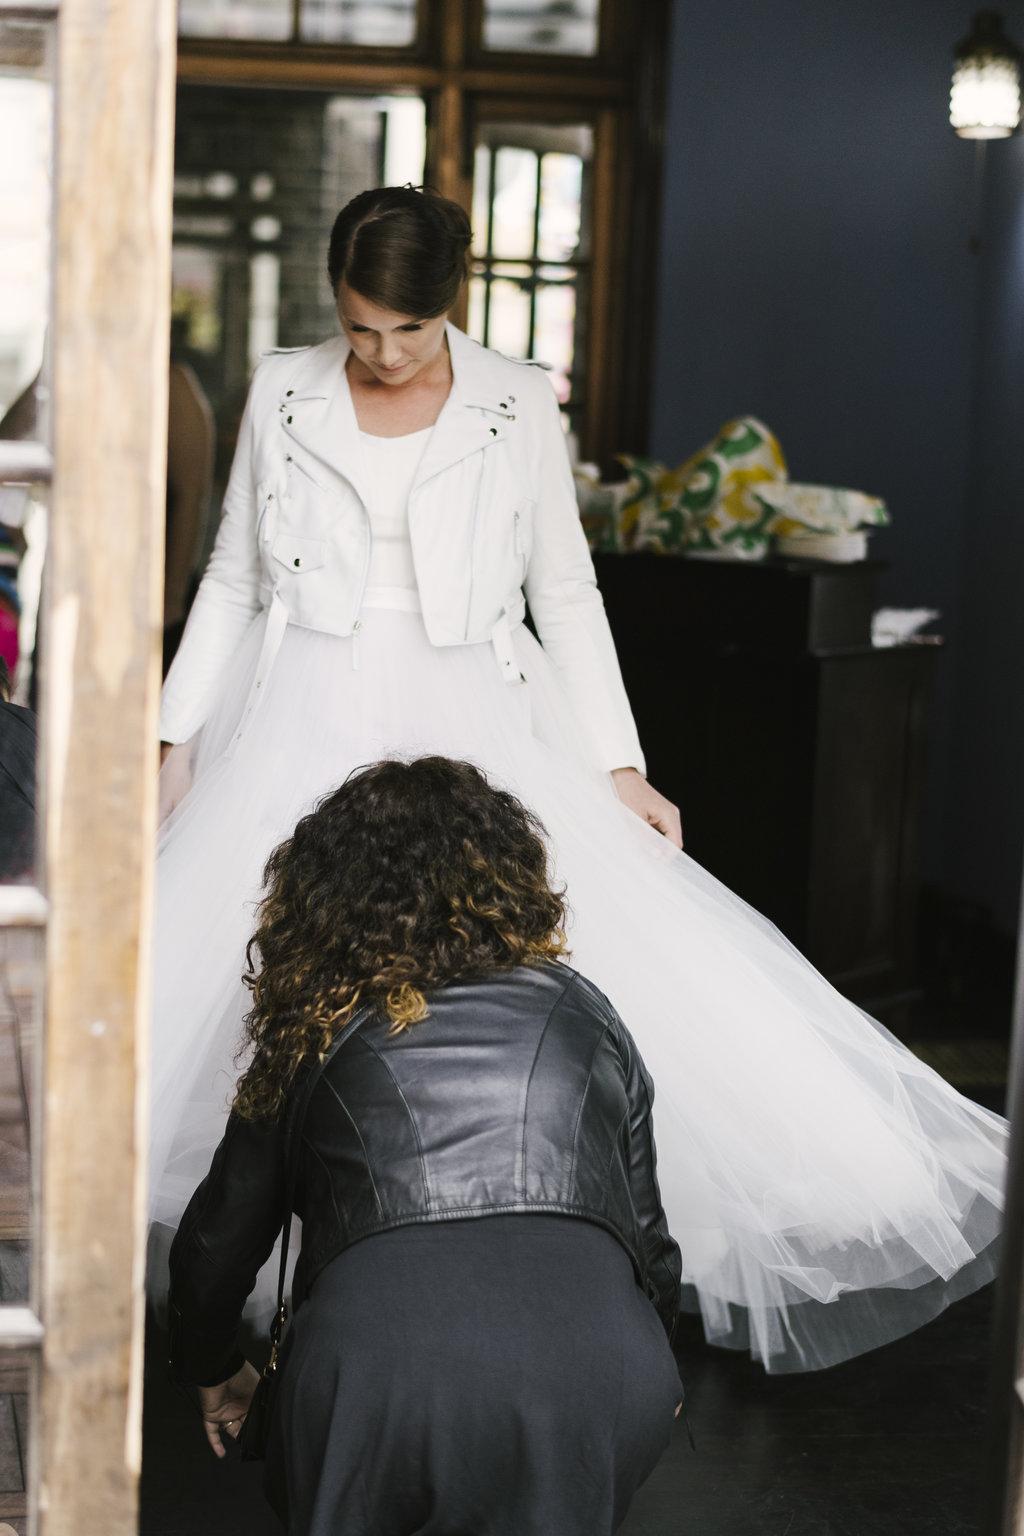 Nathalie Kraynina Bride At The Big Fake WeddingAliciaKingPhotographyBigFakeWedding037.jpg